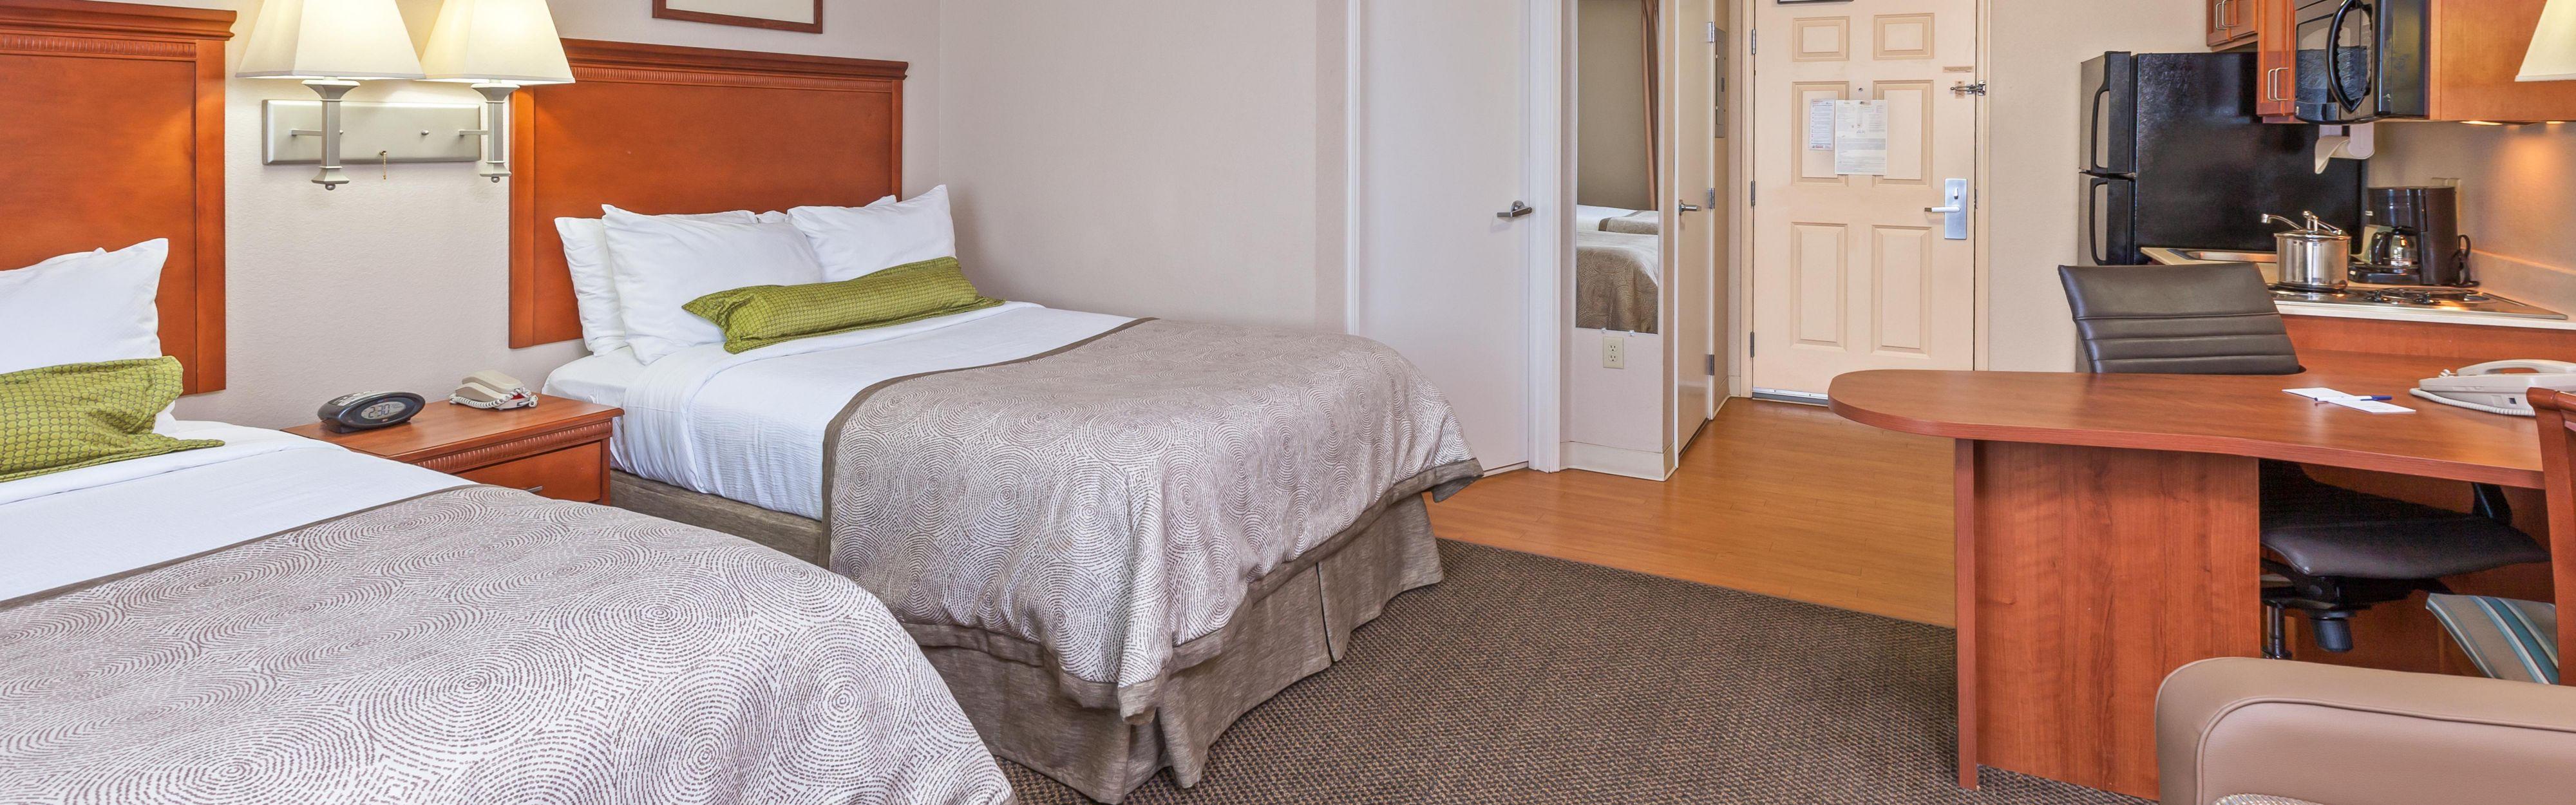 Candlewood Suites Owasso image 1